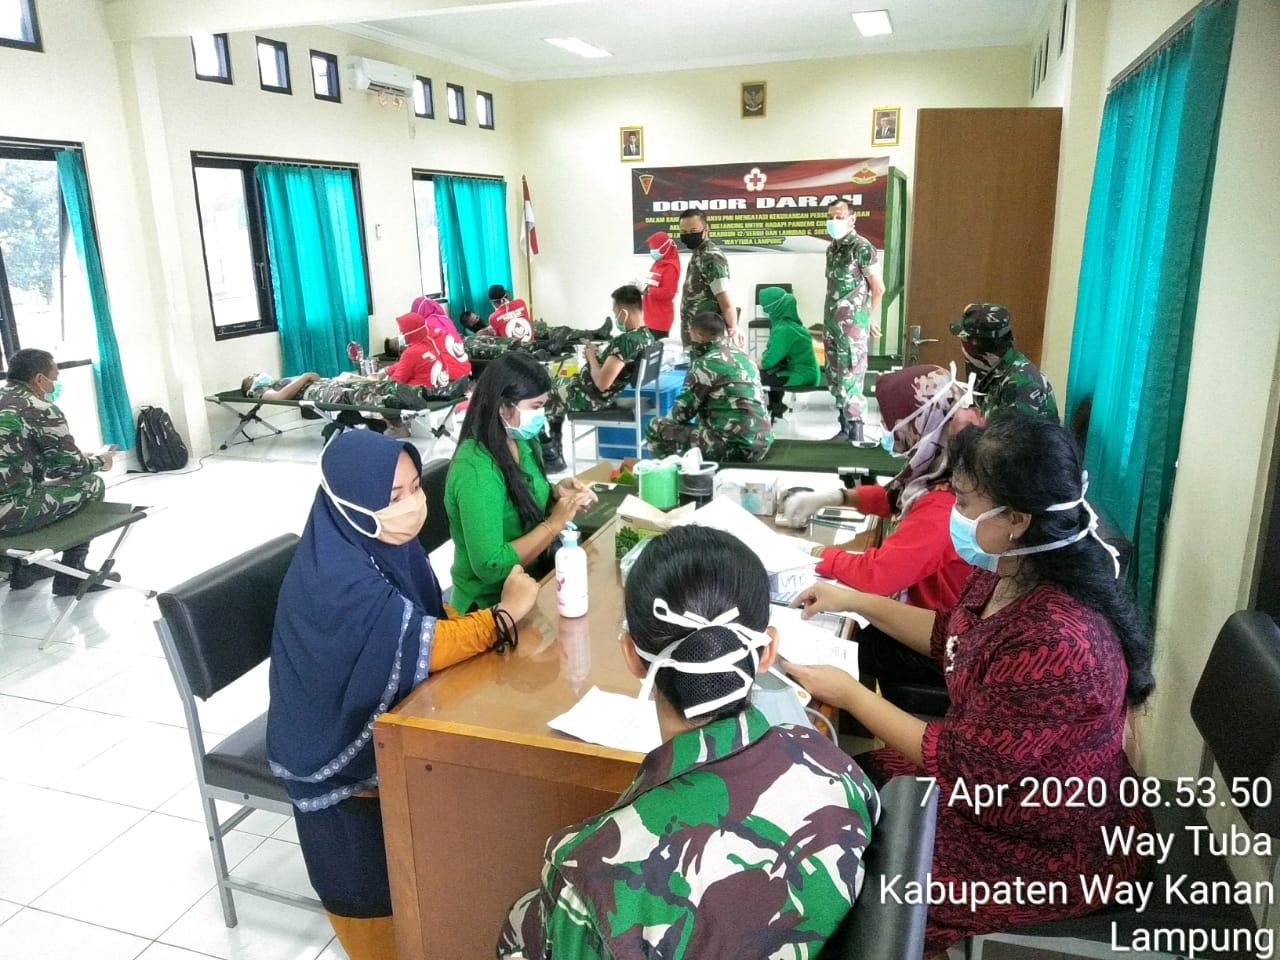 Skadron 12 Serbu dan Lanudad Gatot Subroto Adakan Donor Darah